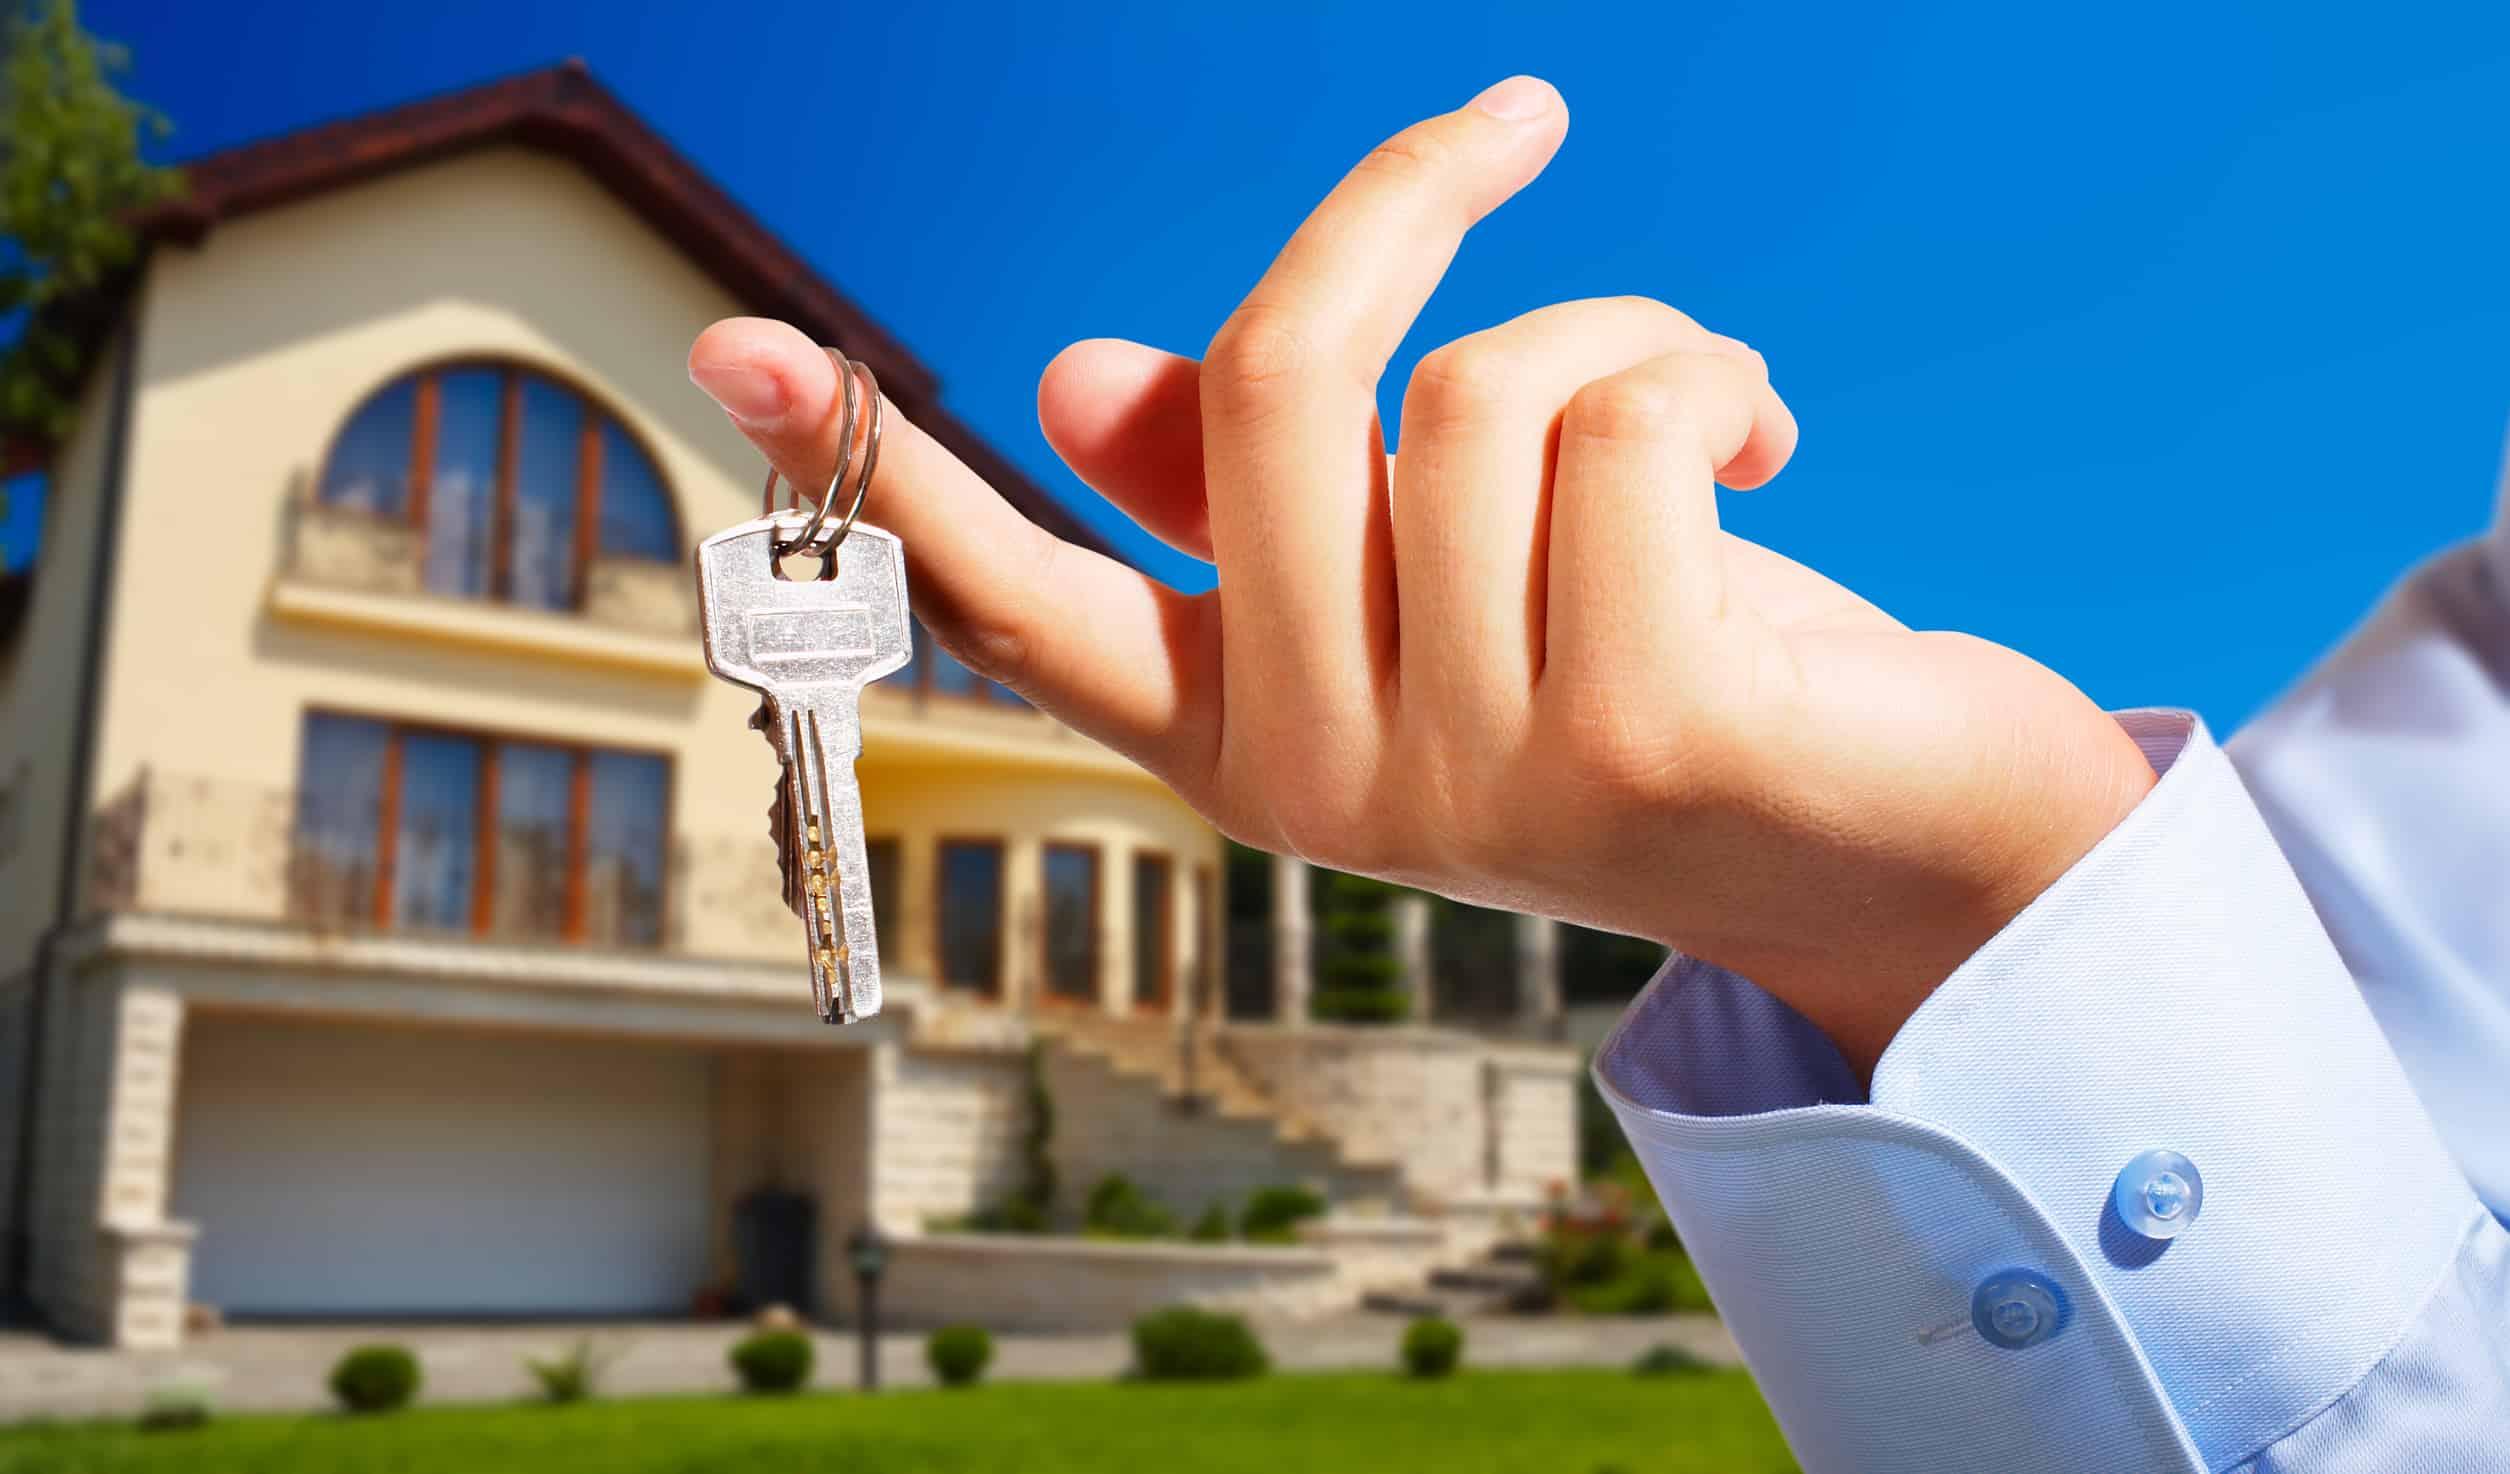 ما هي أساسيات شراء منزل؟